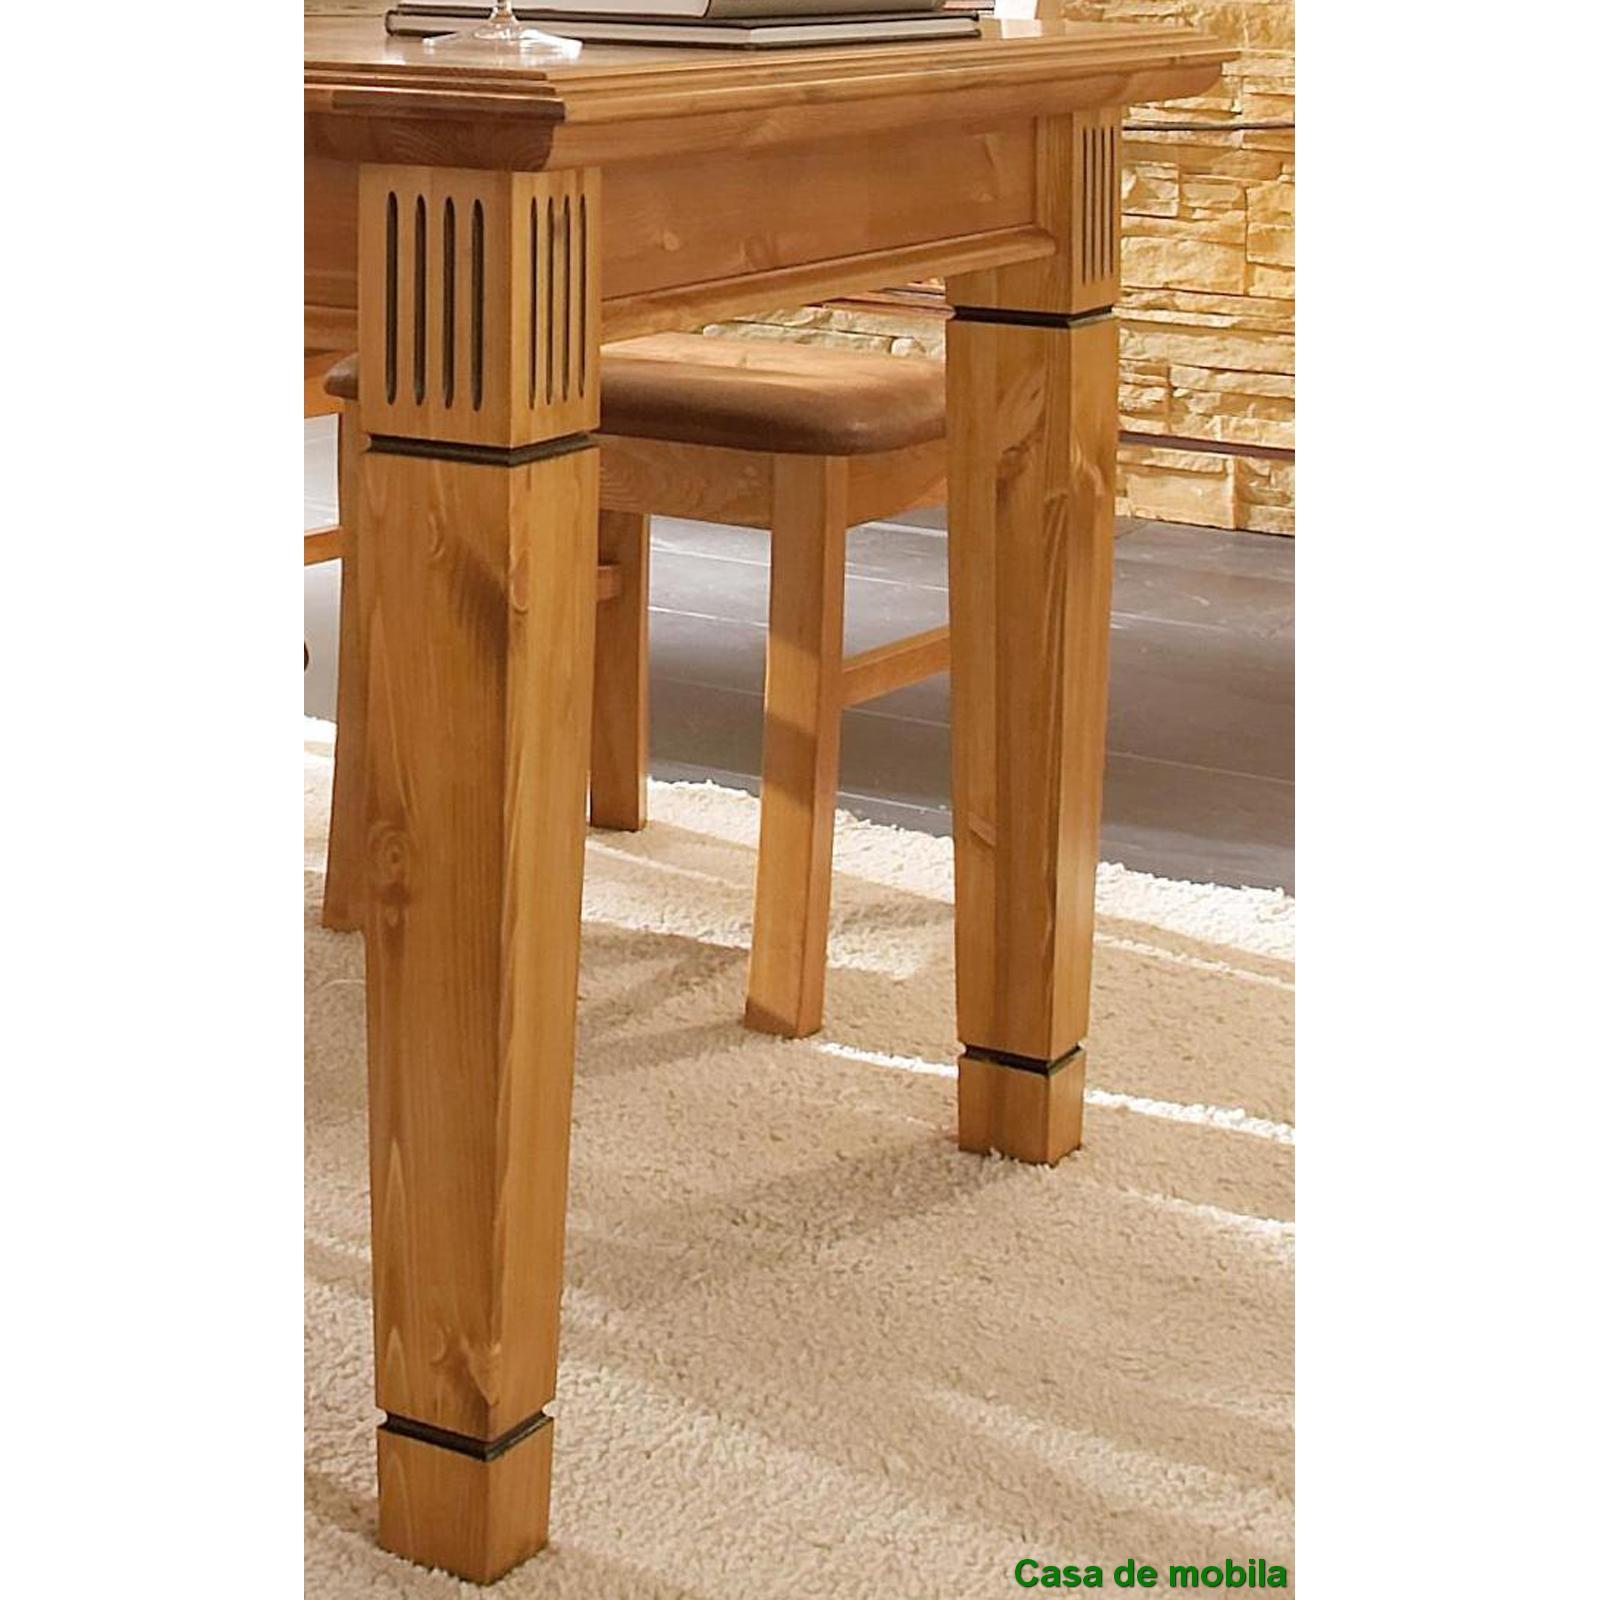 Massivholz Esstisch rund Kiefer goldbraun patiniert GÖTEBORG  Tisch